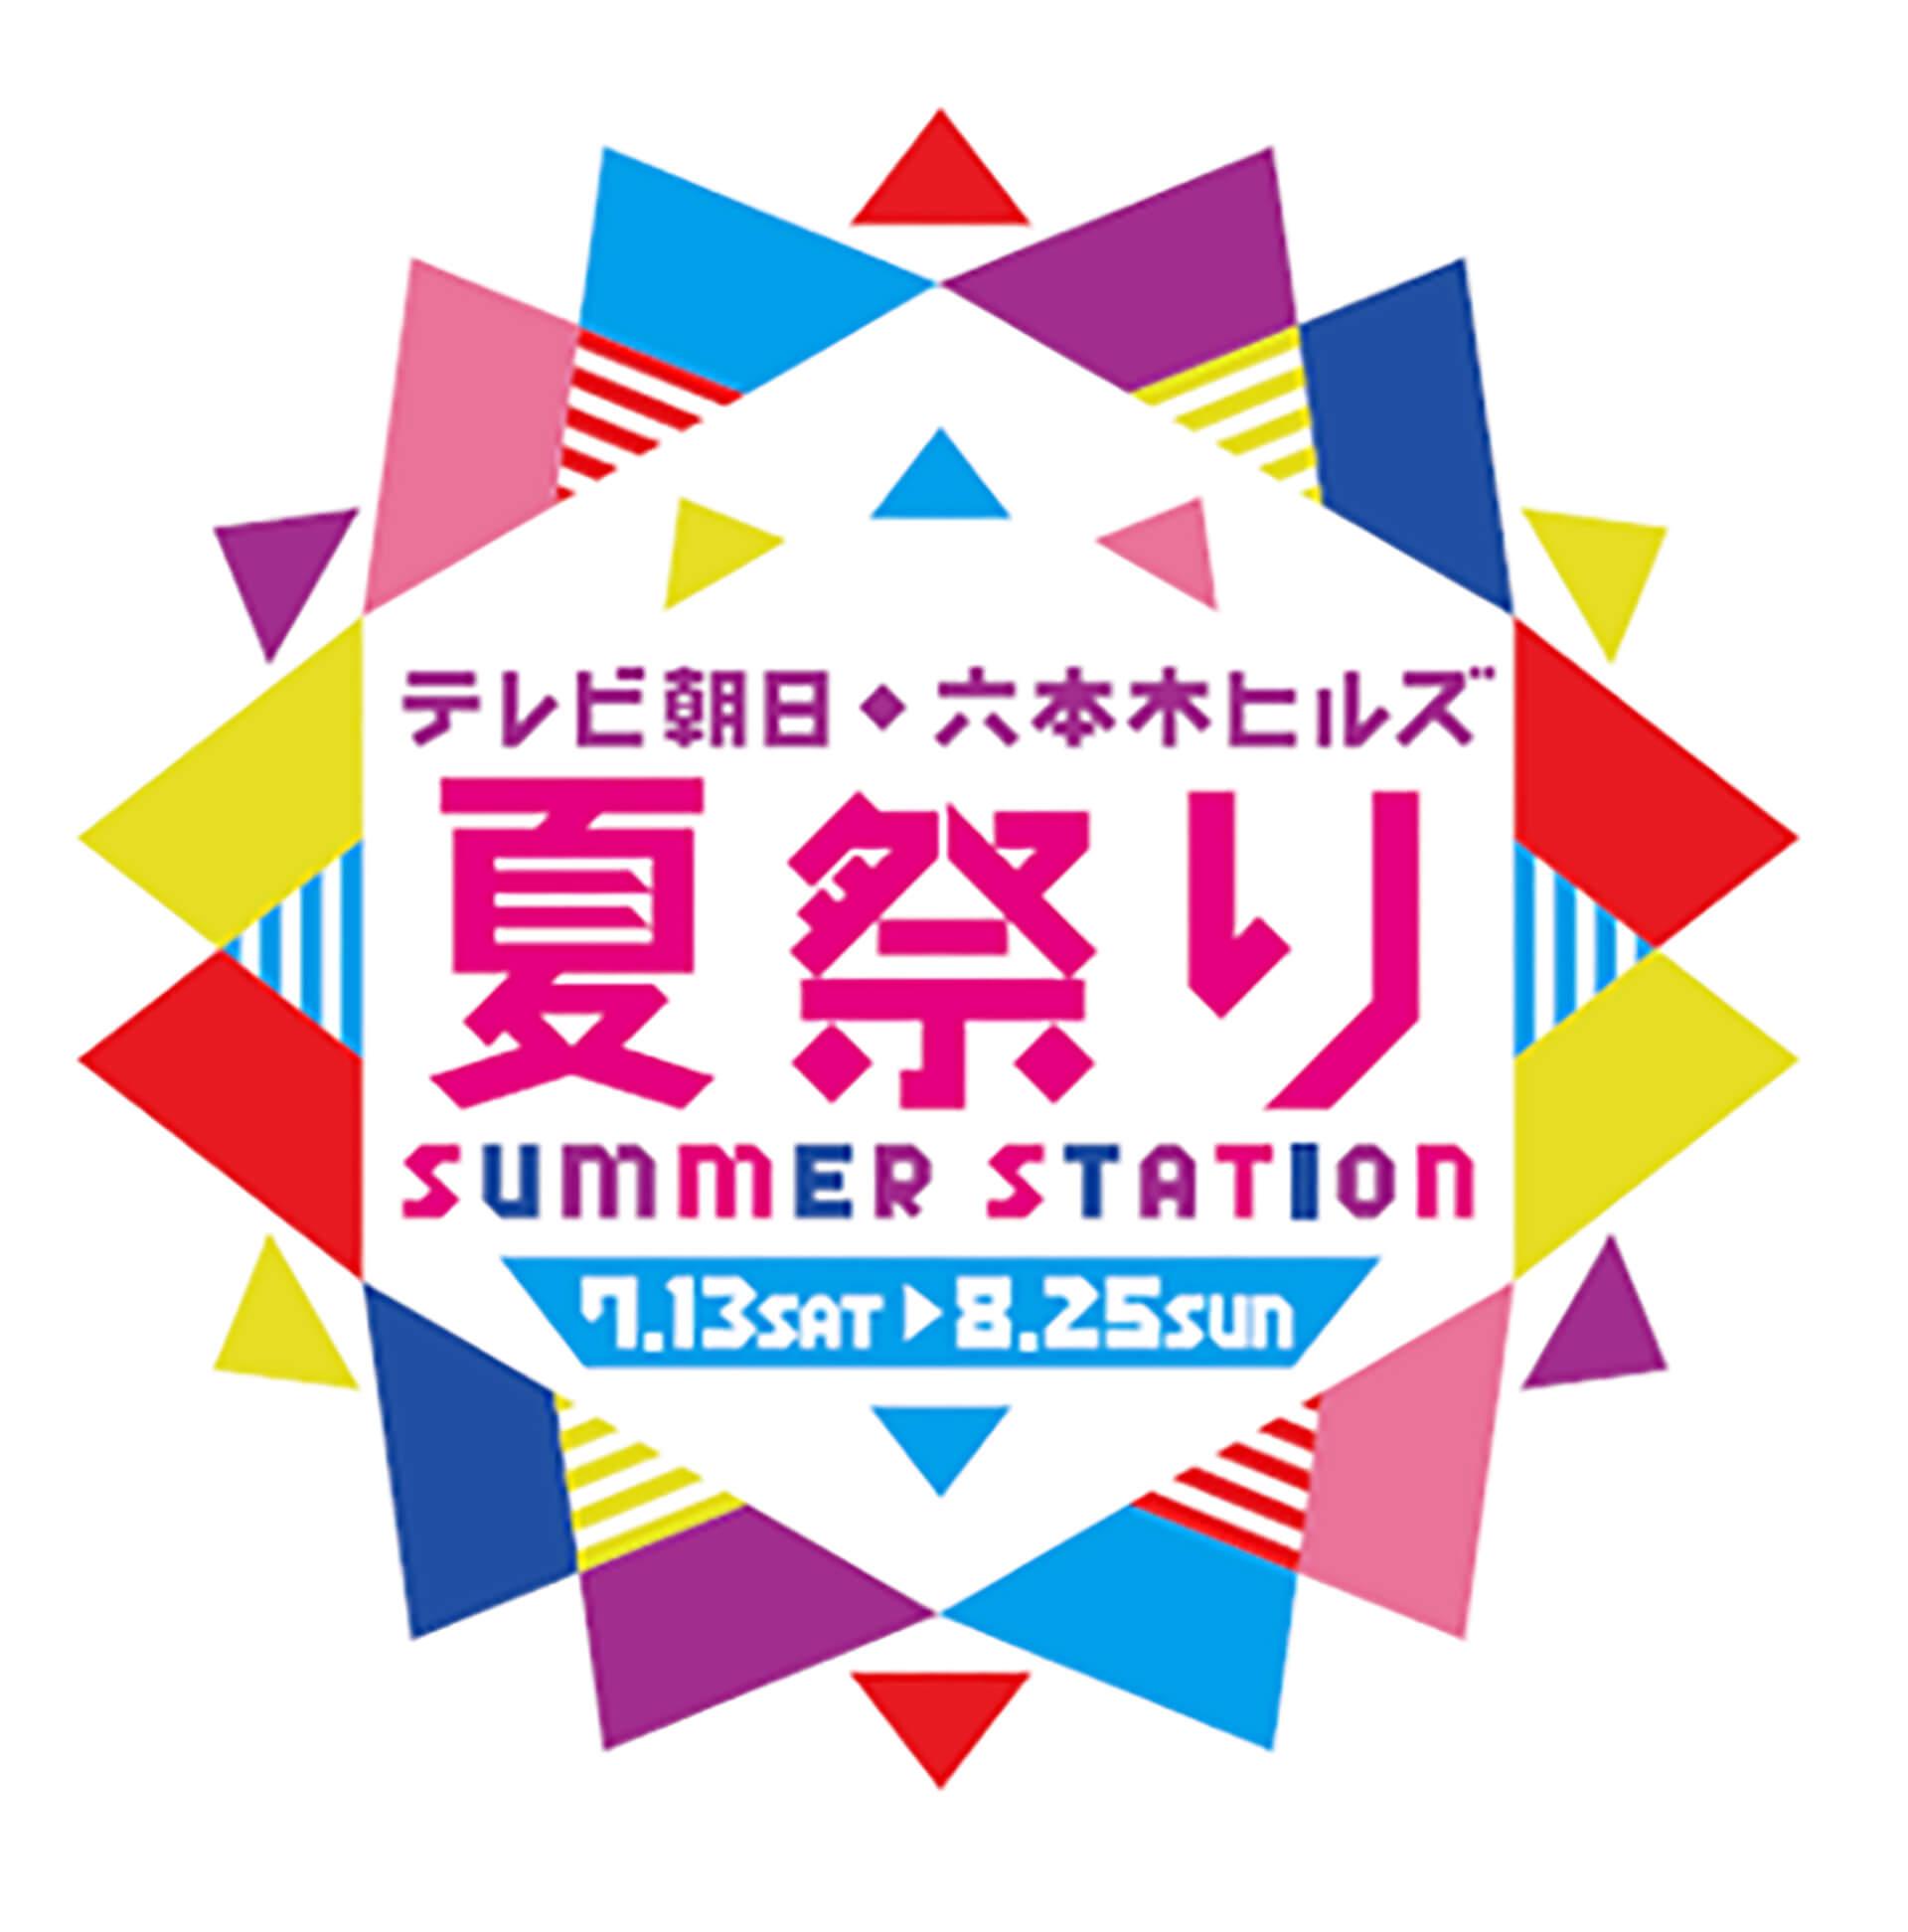 この写真は、テレビ朝日・六本木ヒルズ 夏祭りサマーステーションのイベント用ロゴです